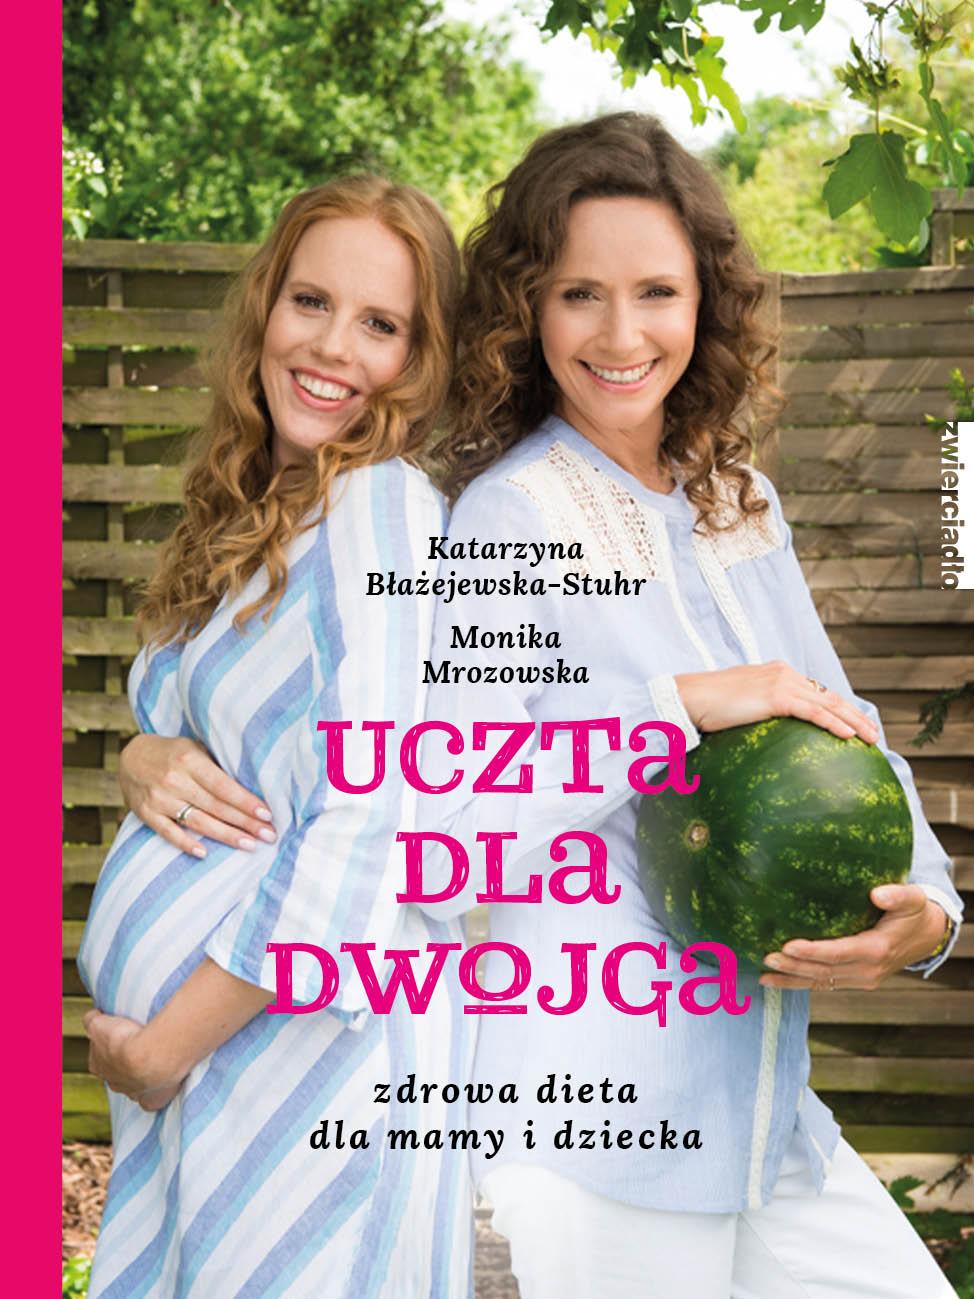 Uczta dla dwojga. Zdrowa dieta dla mamy i dziecka - Monika Mrozowska, Katarzyna Błażejewska-Stuhr